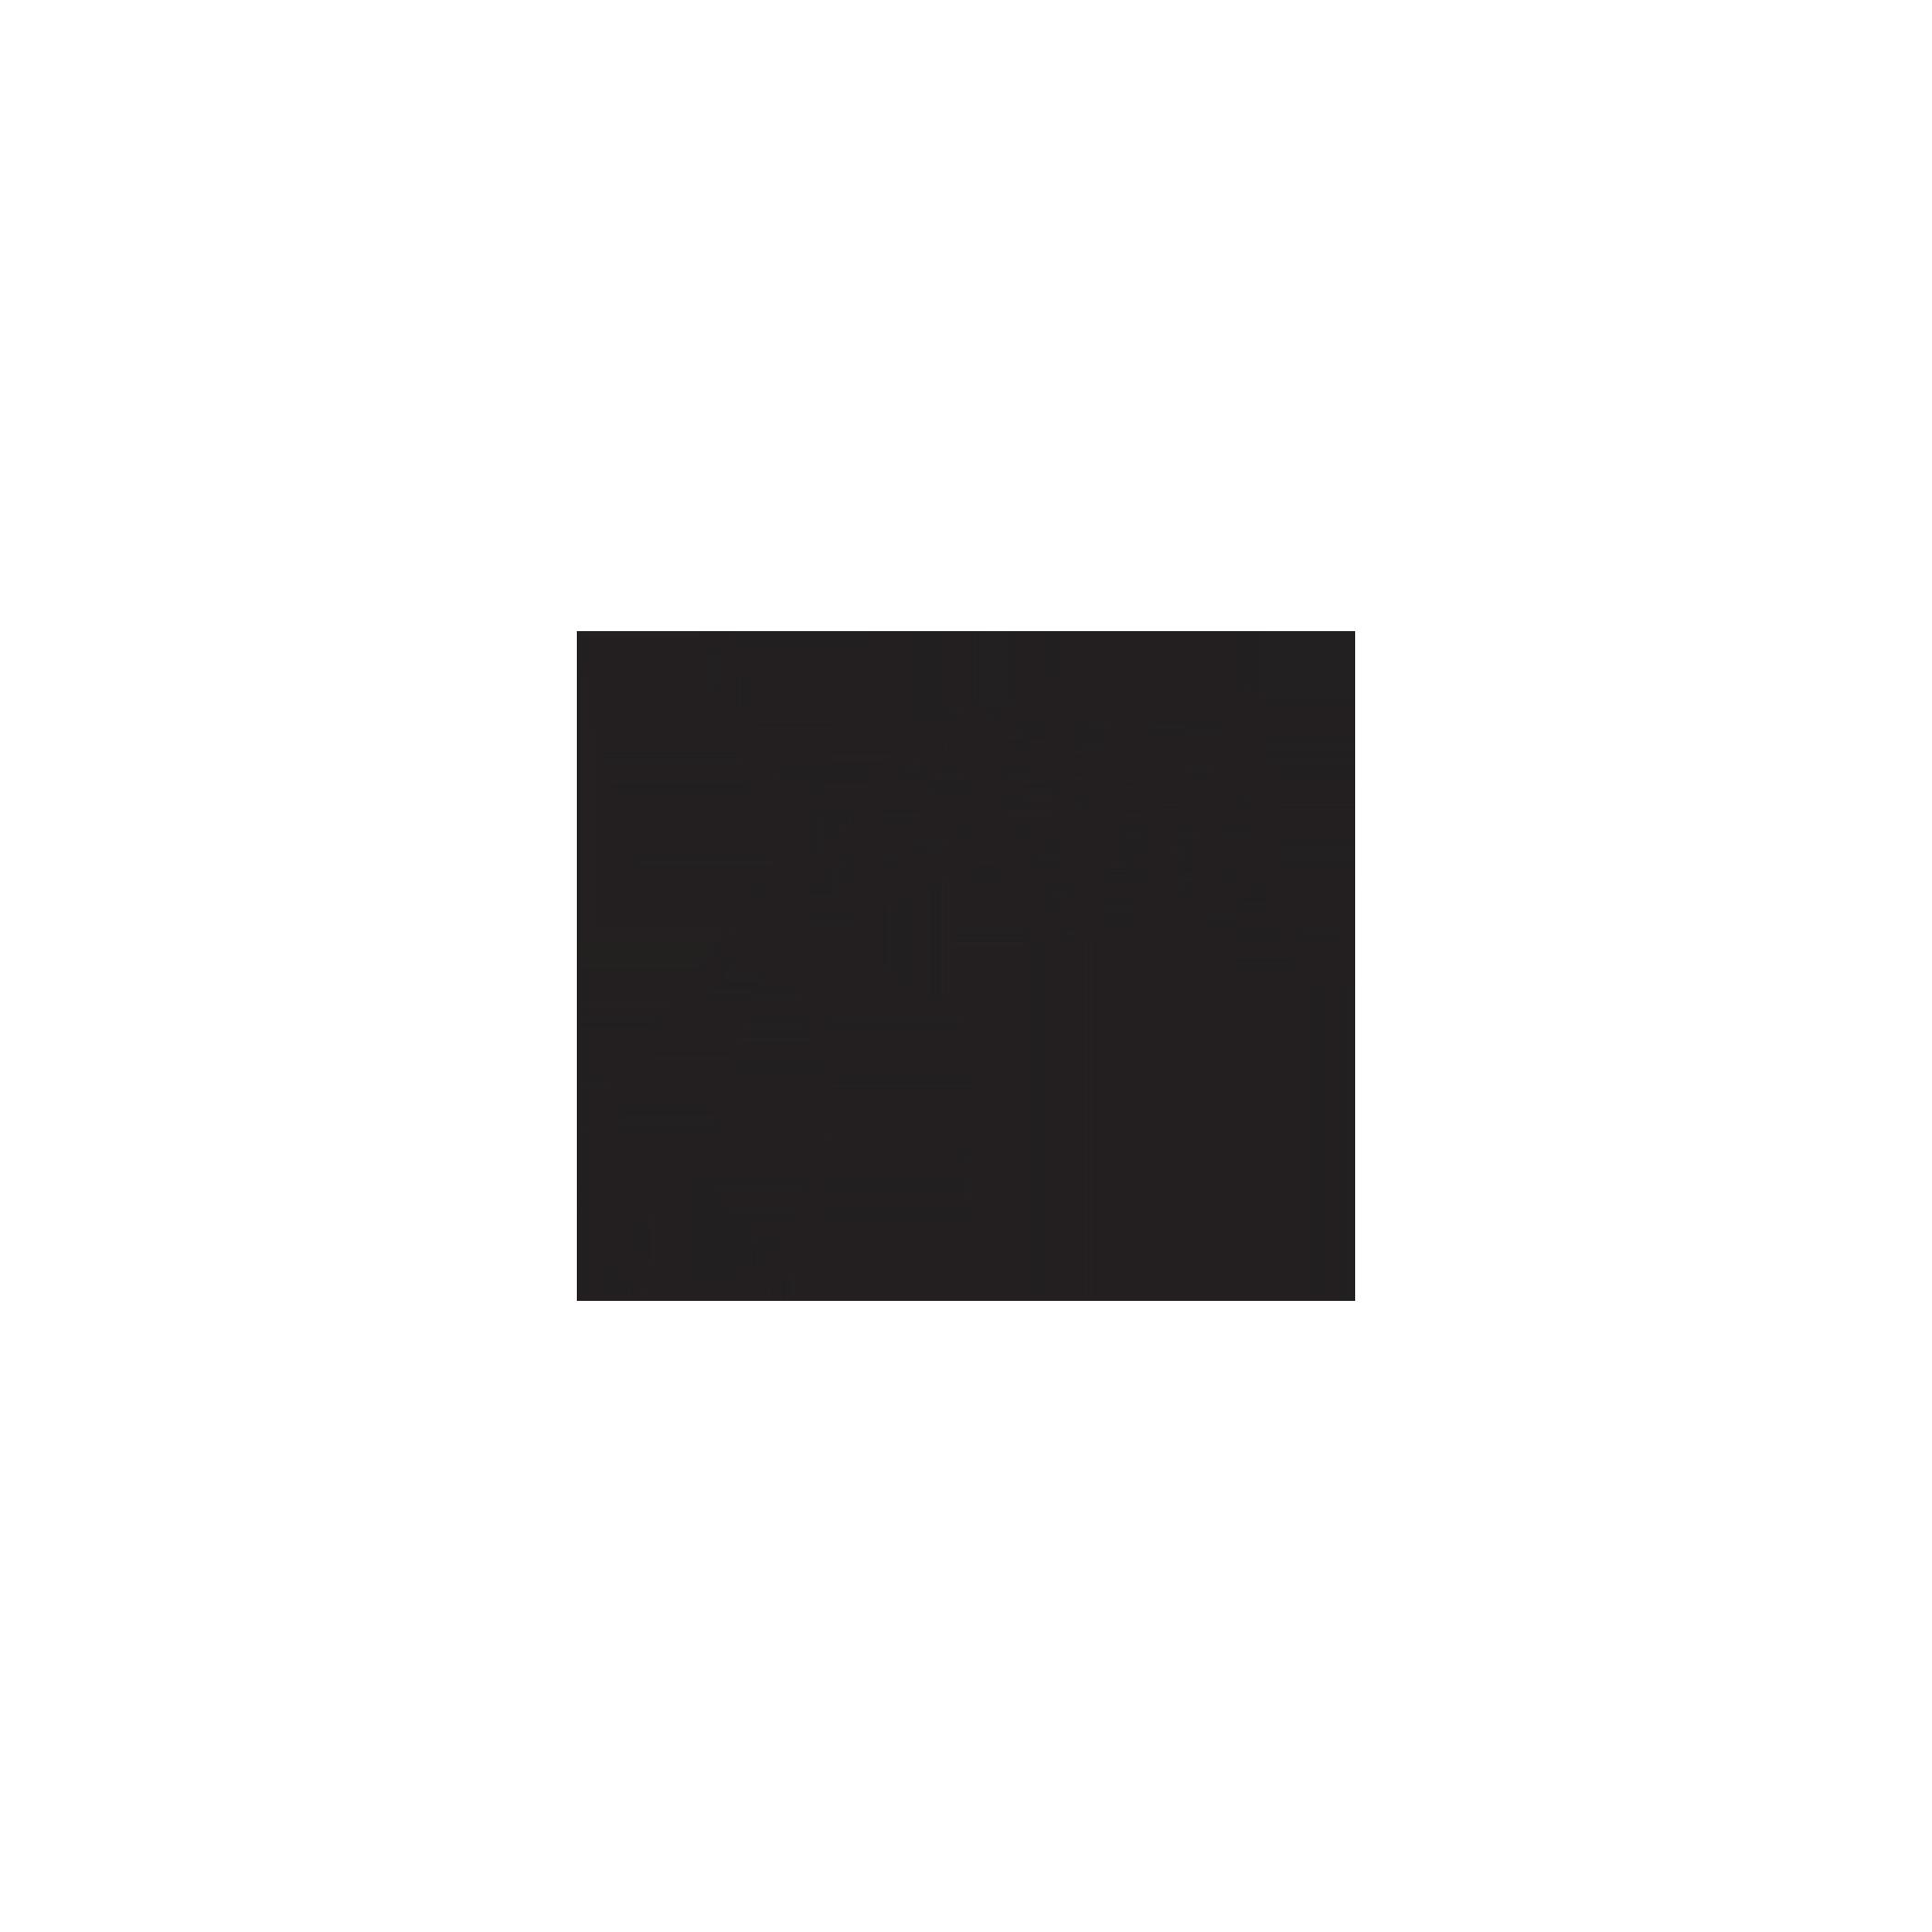 JAM Design & Media